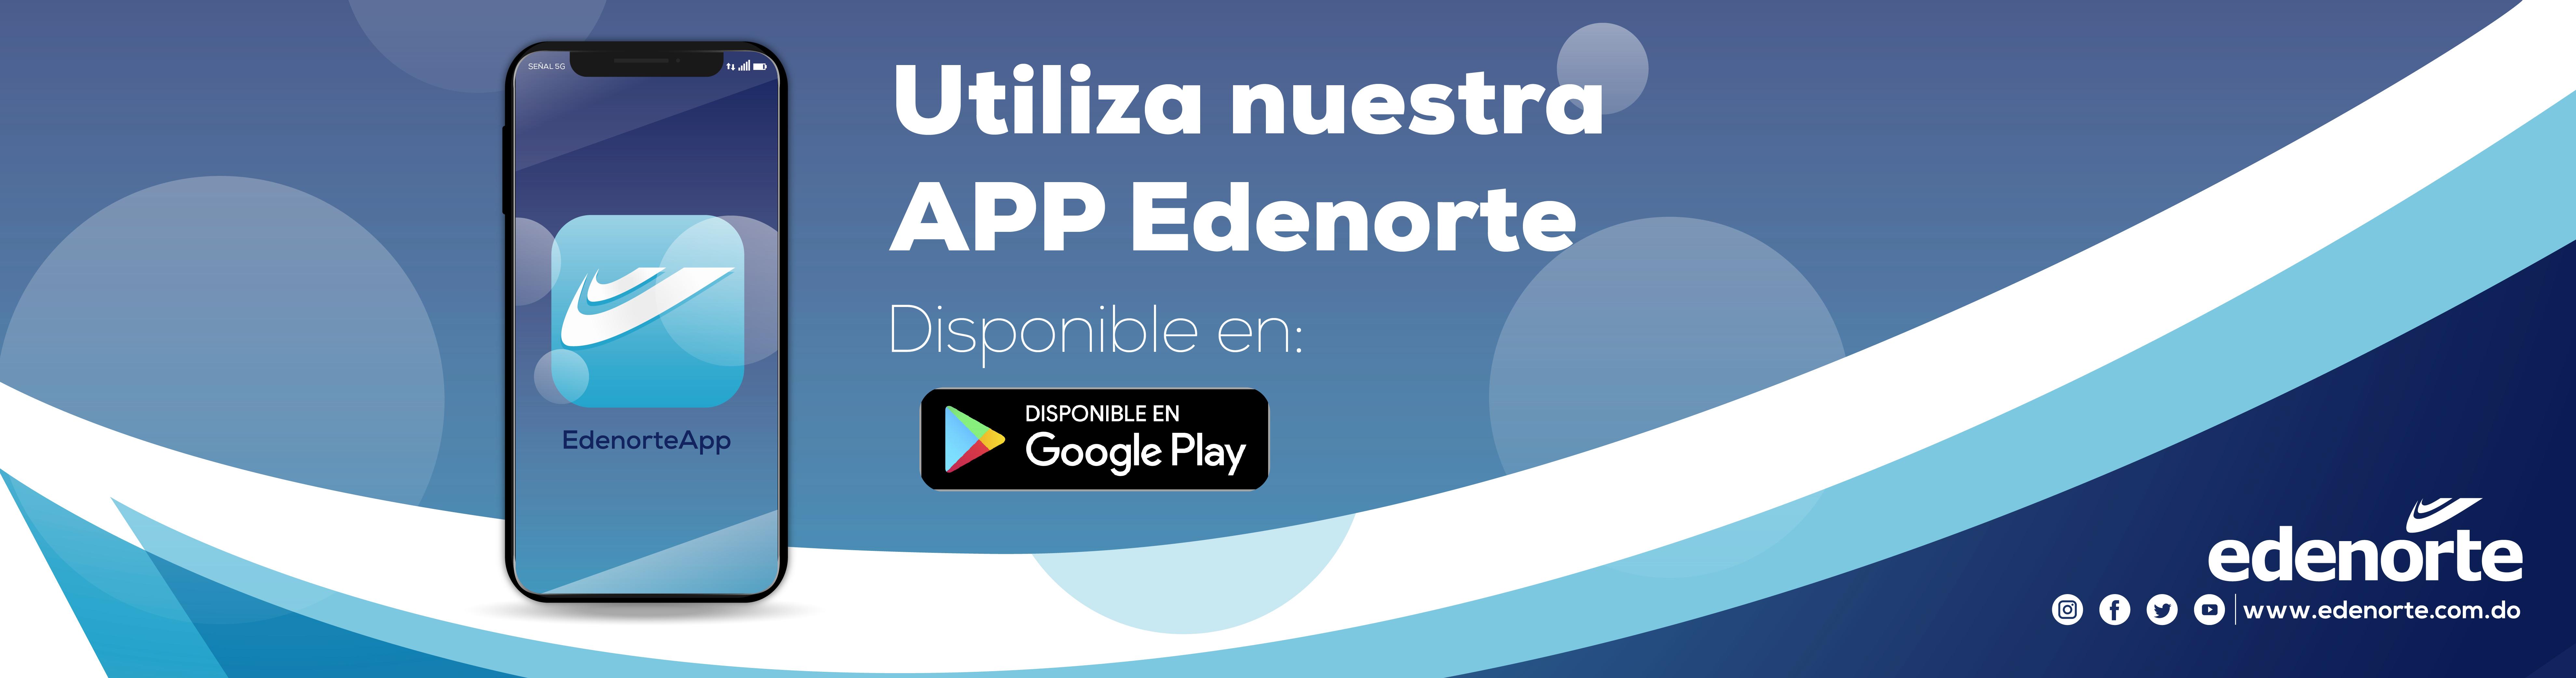 App Edenorte